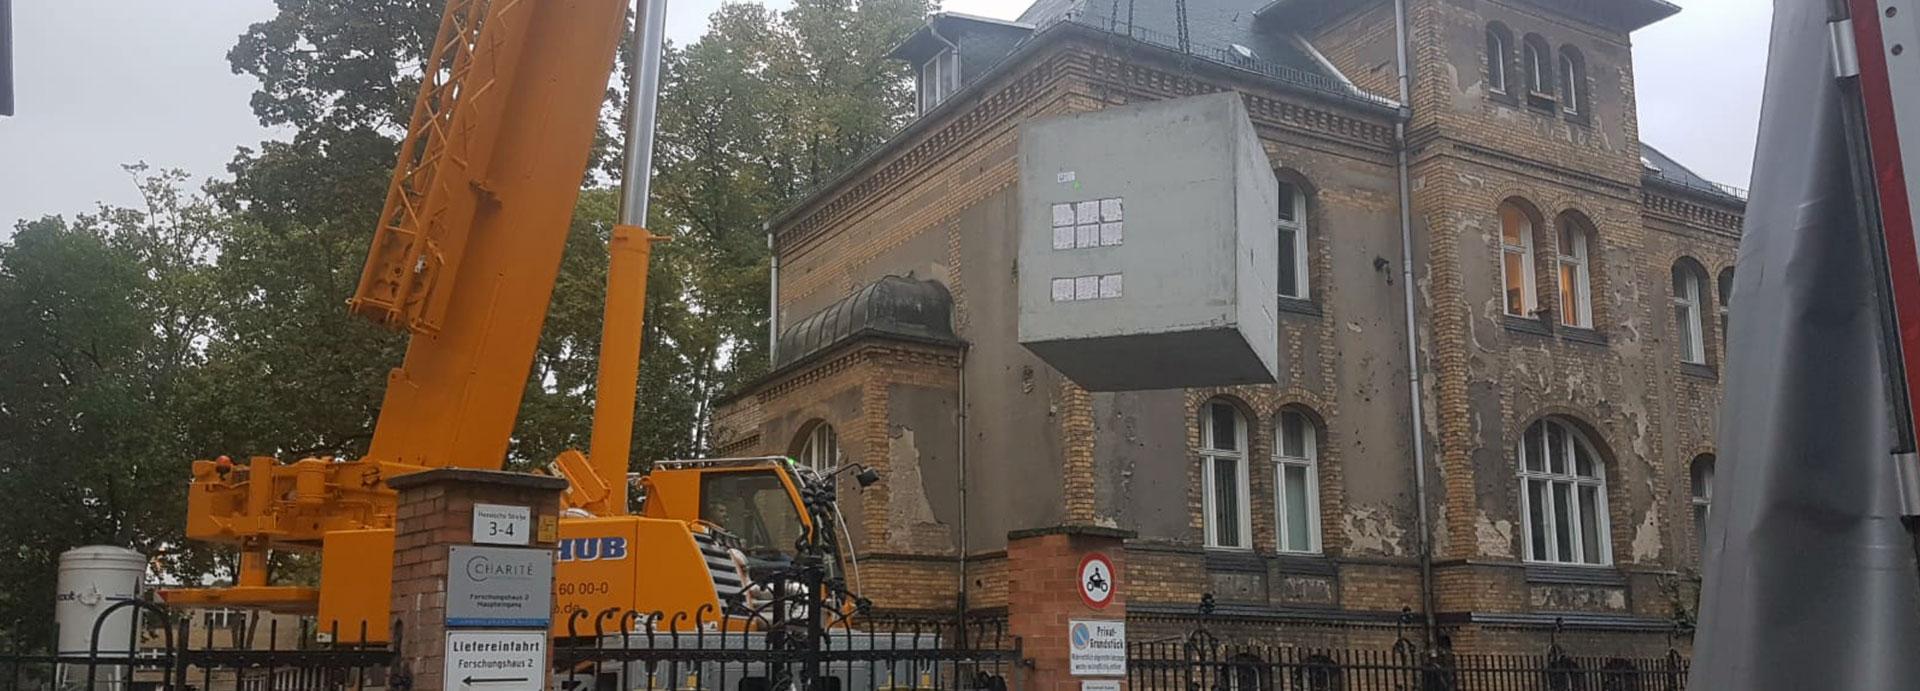 Kabelschächte für Medienanbindung in Berlin